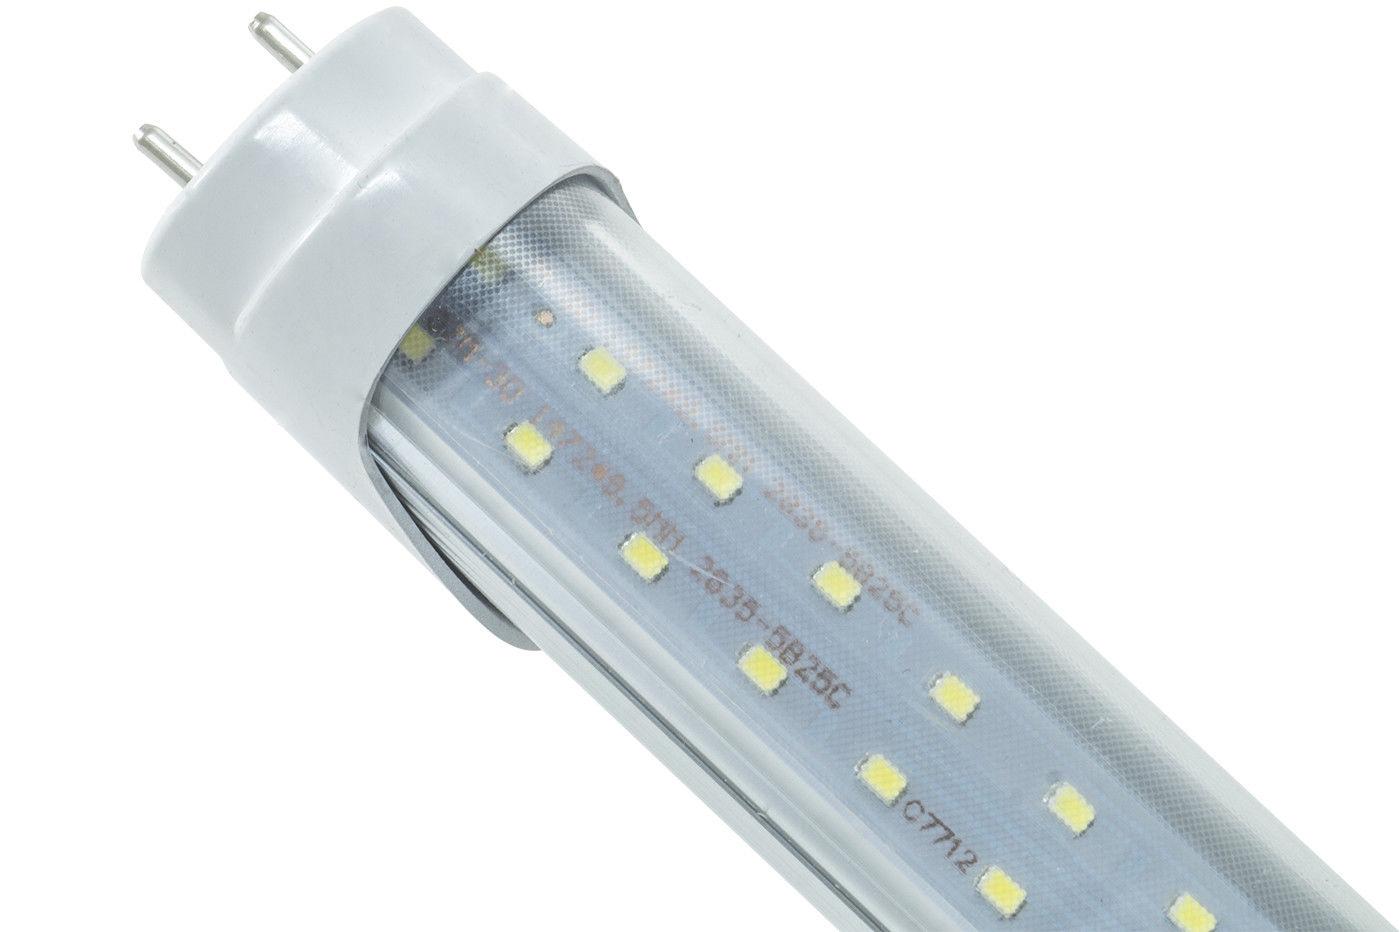 Plafoniera Tubo Led 120 : Plafoniera con tubo led cm t luce fredda w attacco